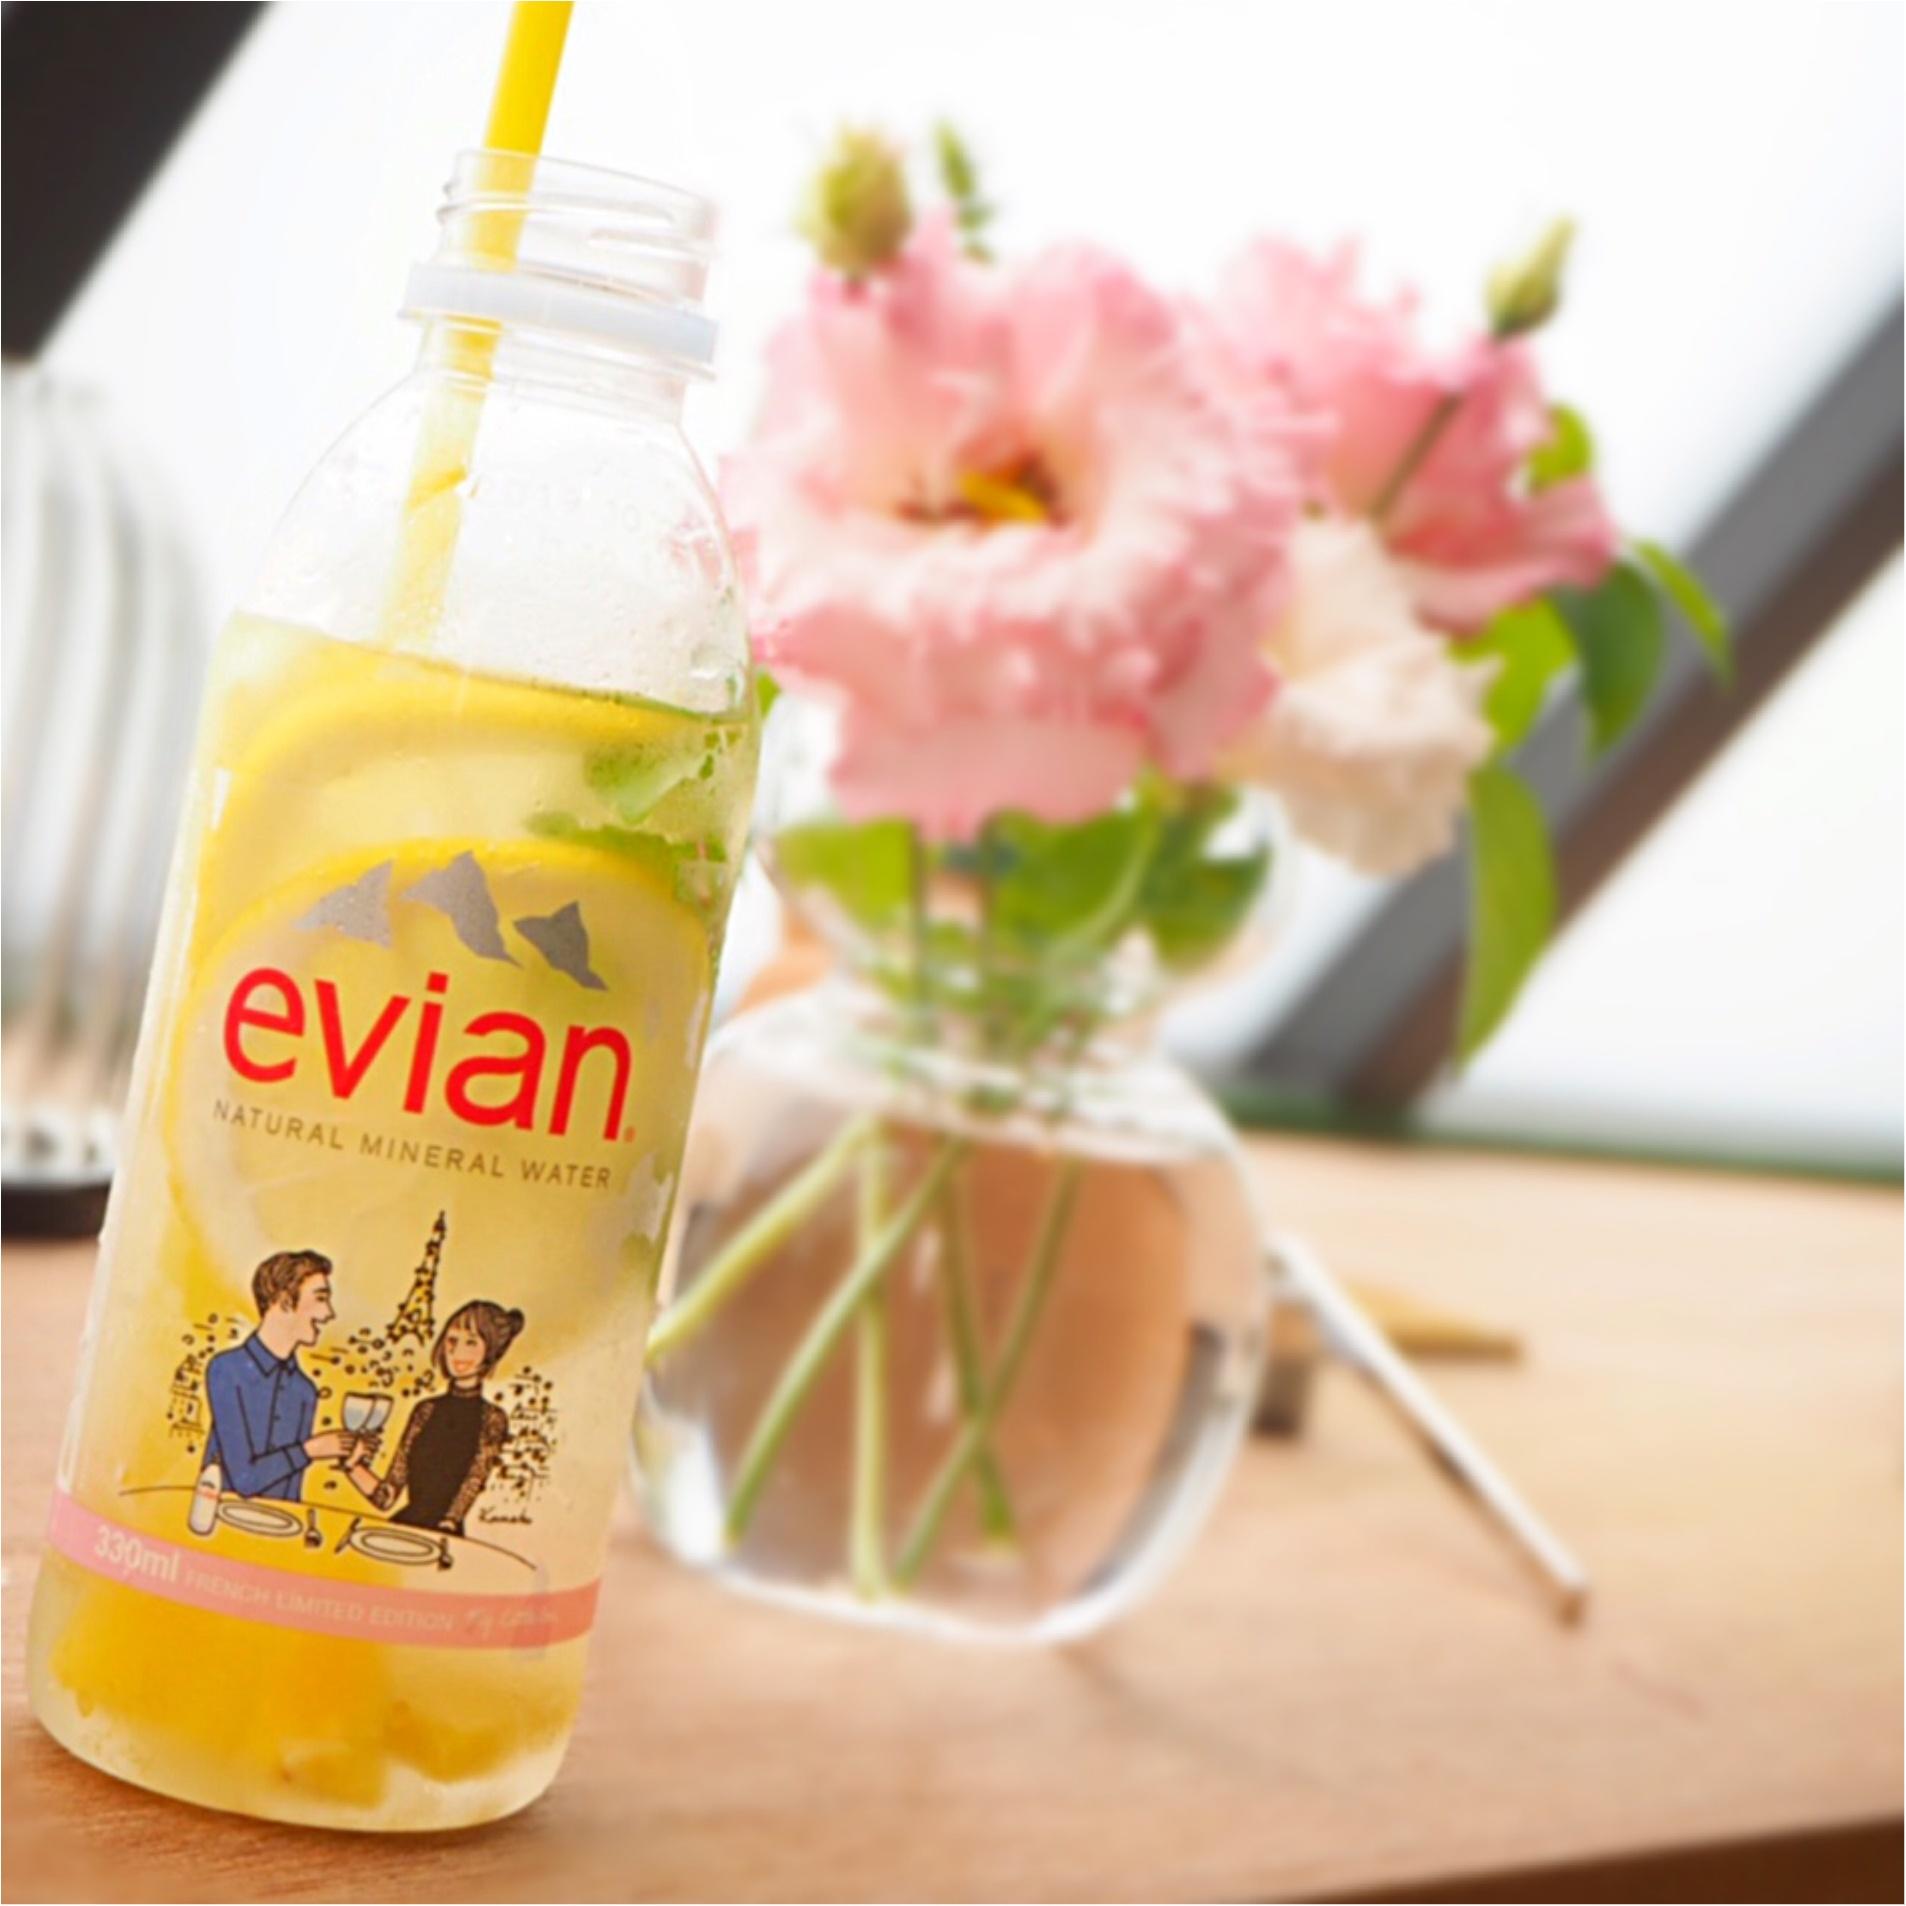 【evian & My Little Box】コラボイベントへ行ってきました♡_3